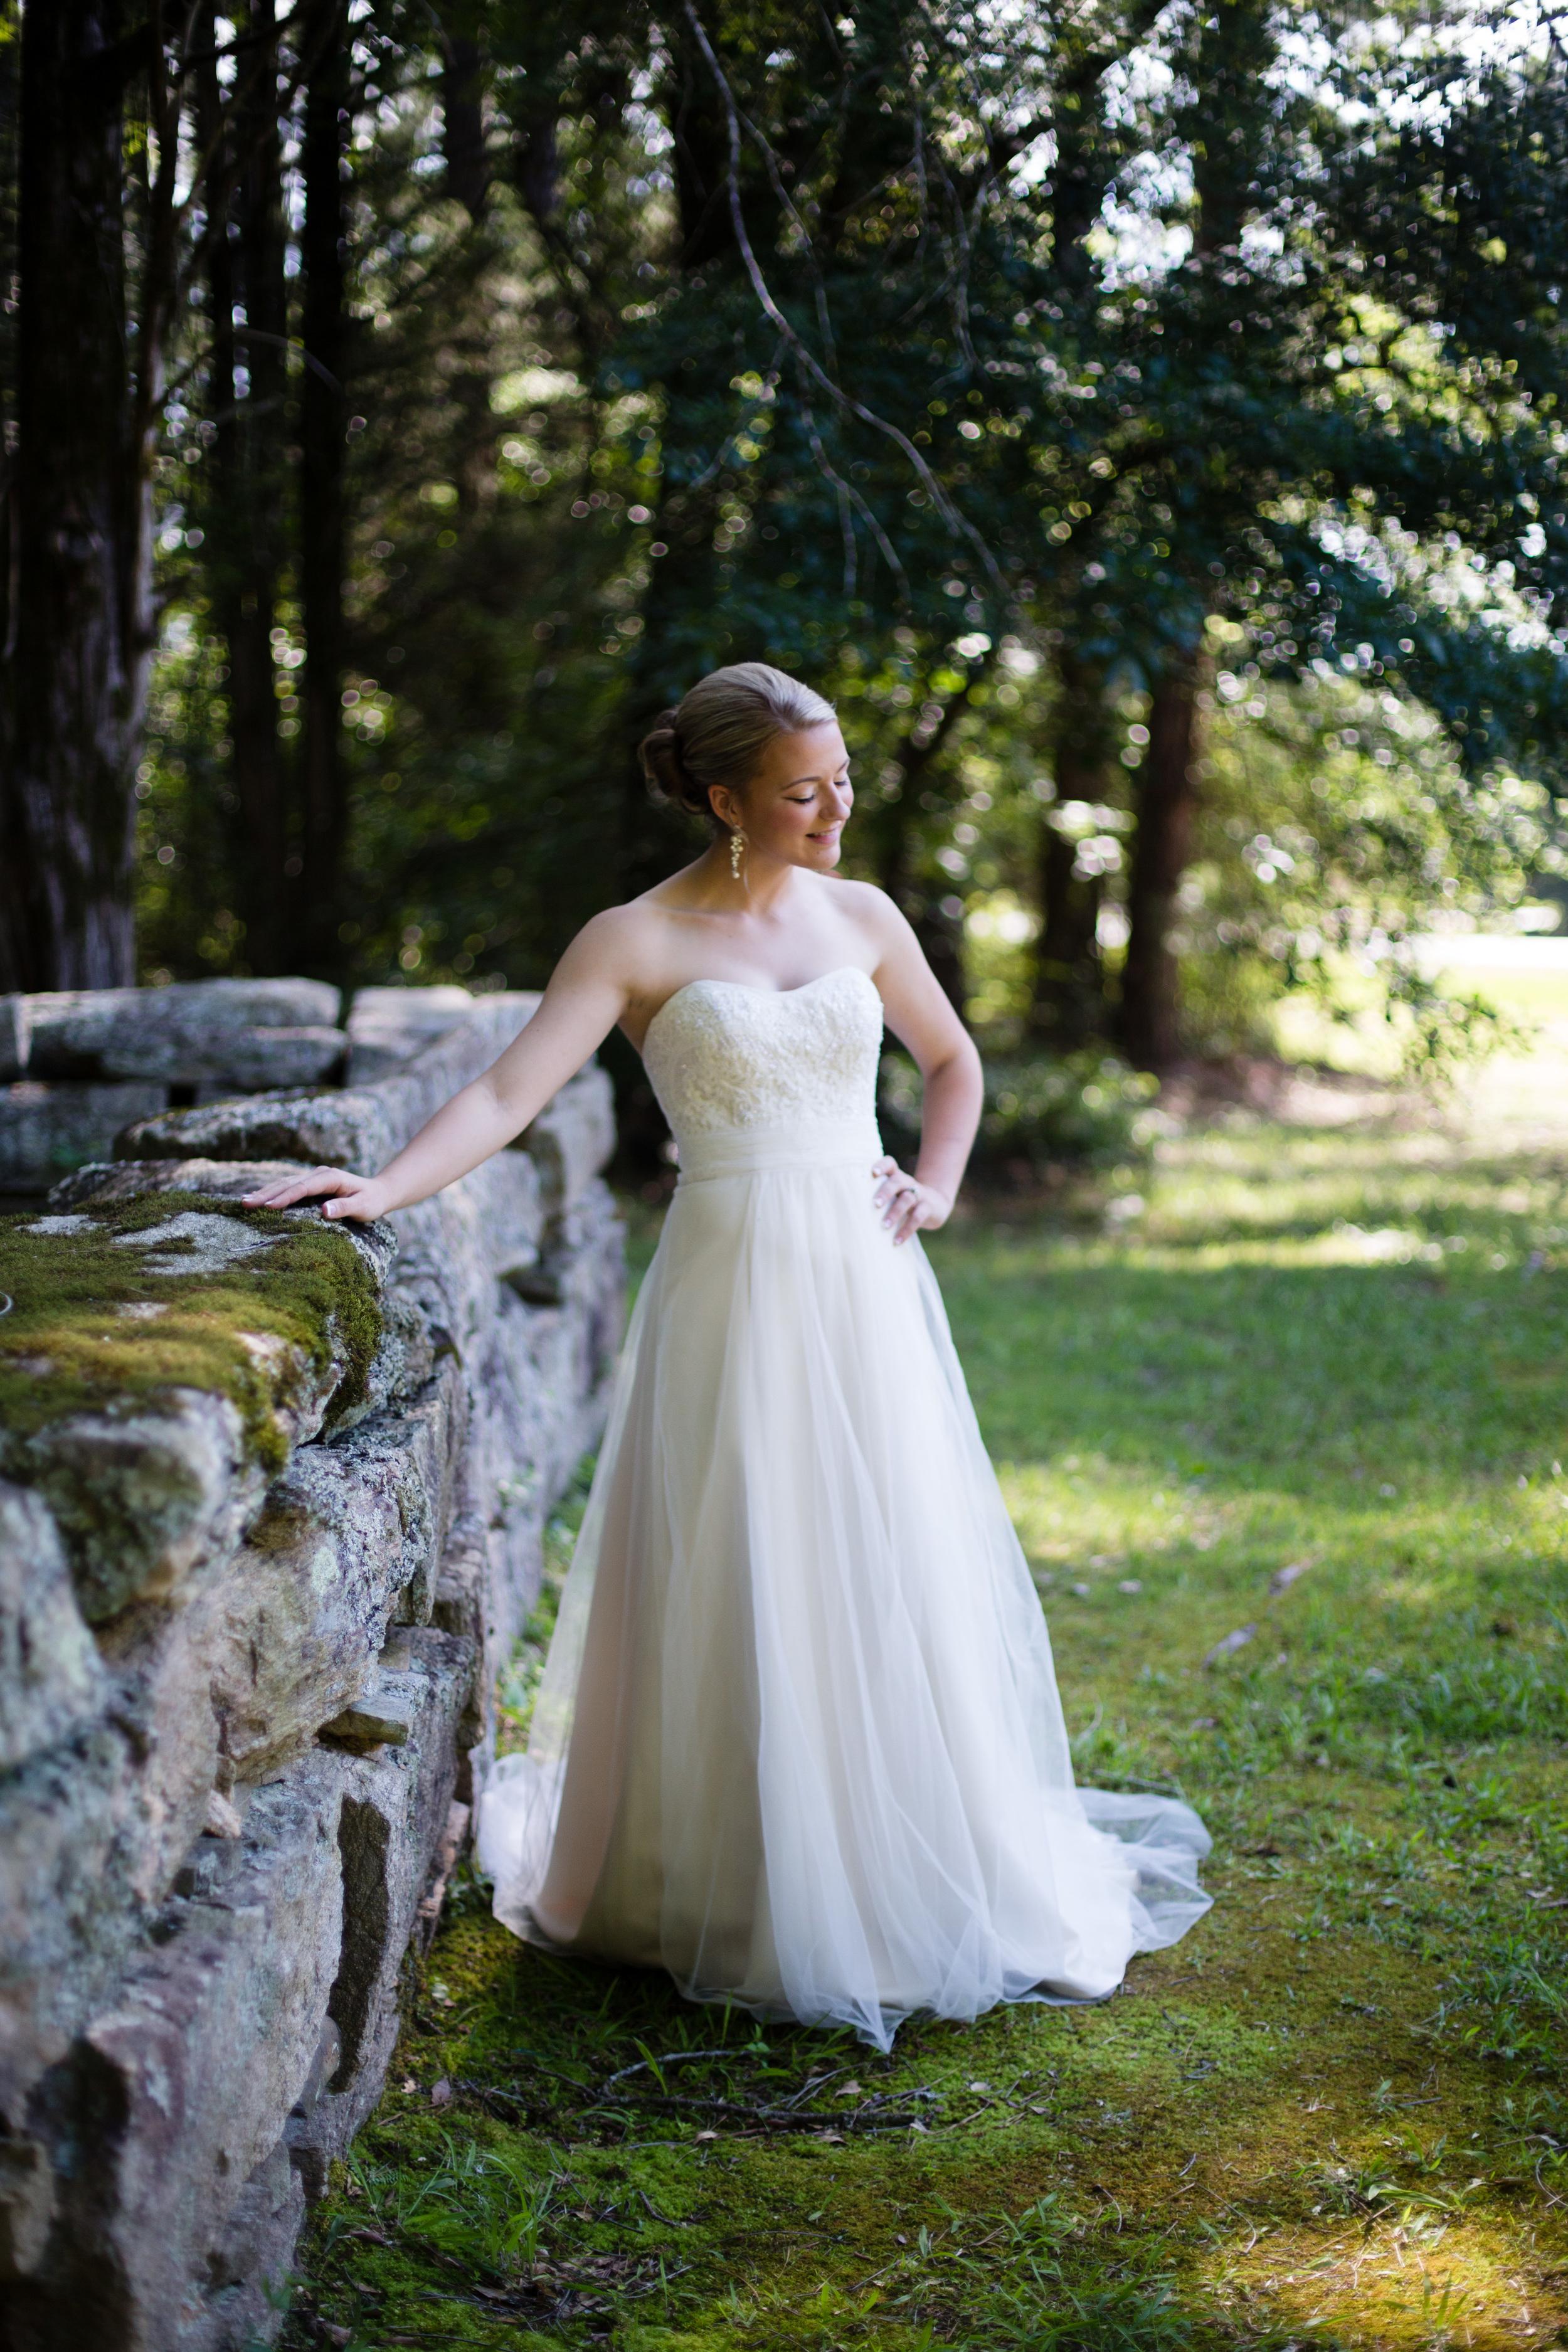 Brock_Tayler_Norwood_Wedding_2015_Pointes_West_Appling049.jpg